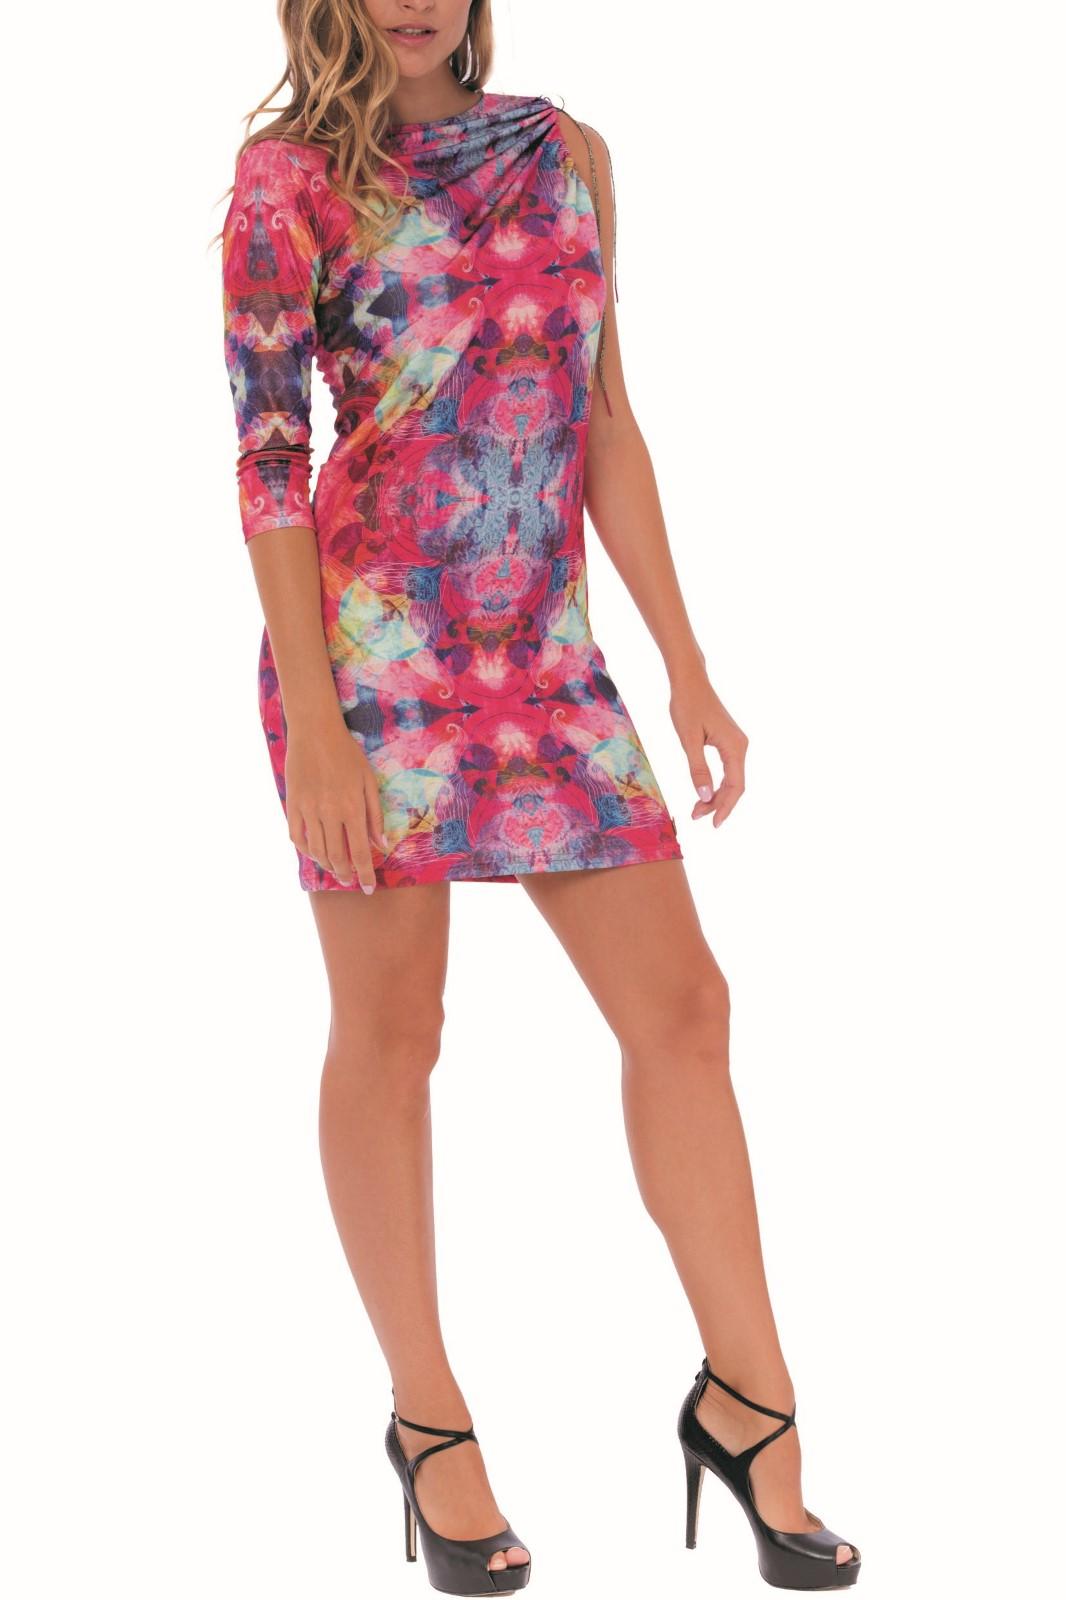 Culito from Spain farebné šaty Abstracto Una Manga - Glami.sk 581bf4a396